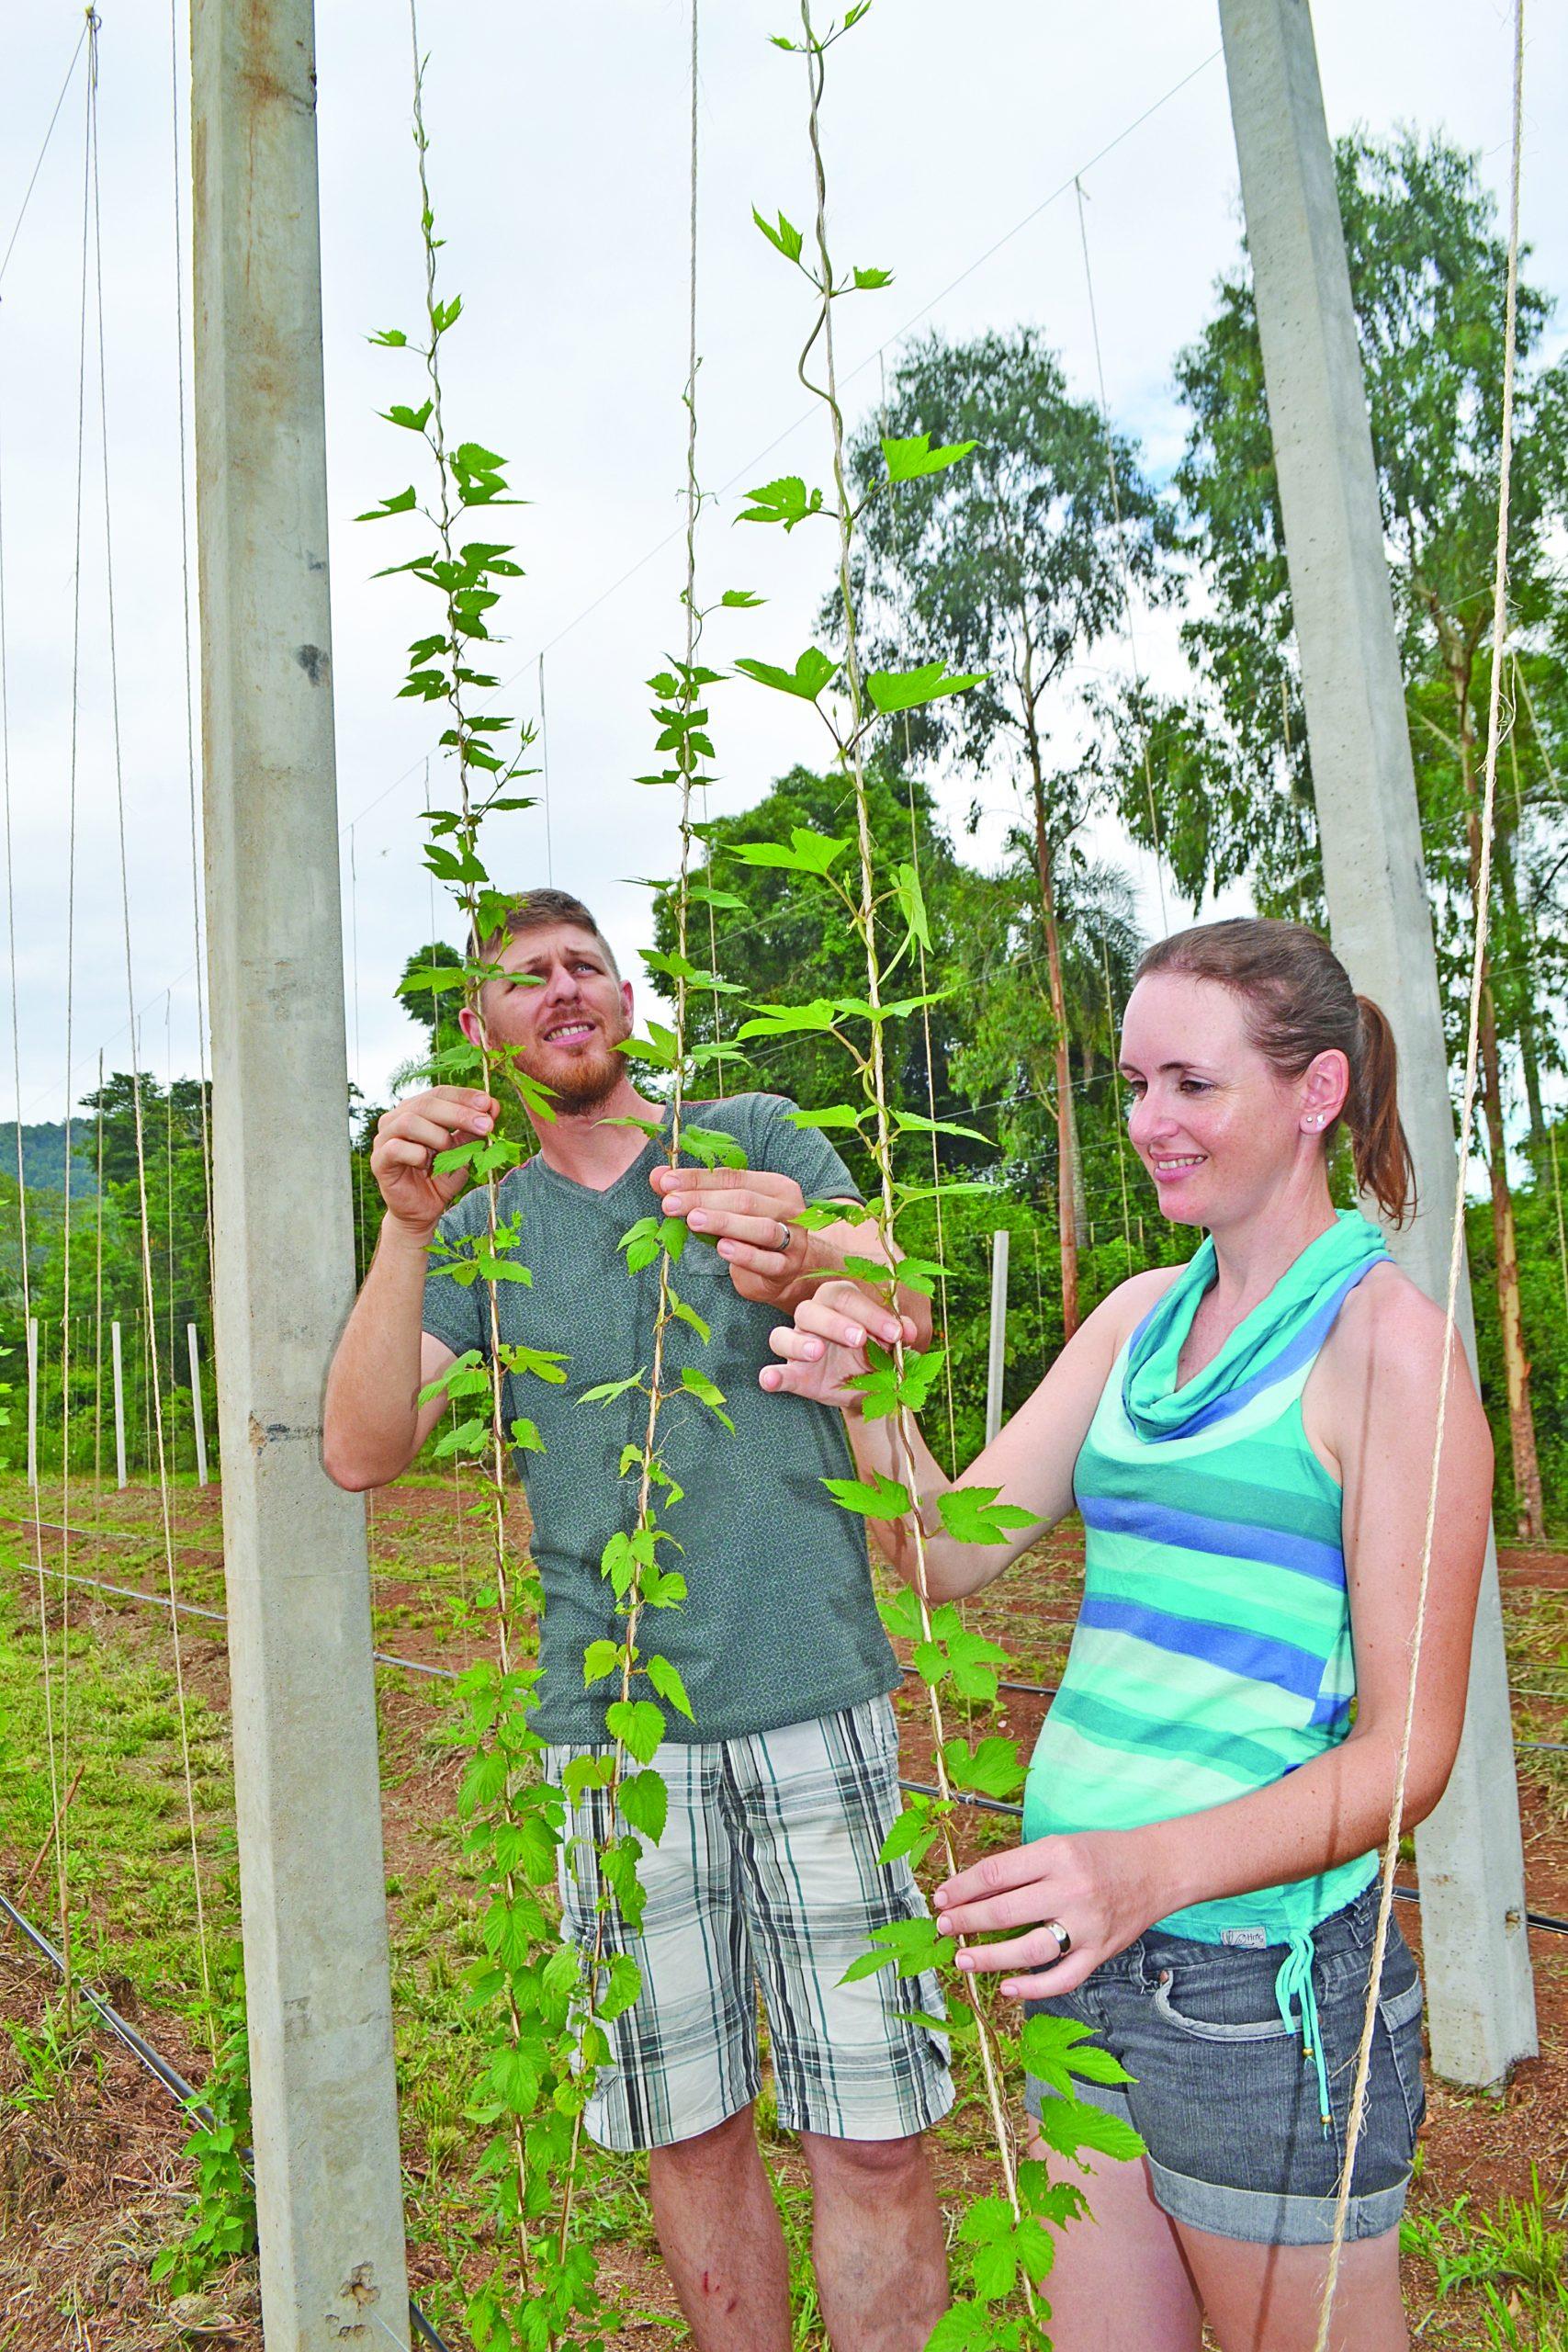 Cervejas artesanais estimulam cultivo - Jornal A Hora